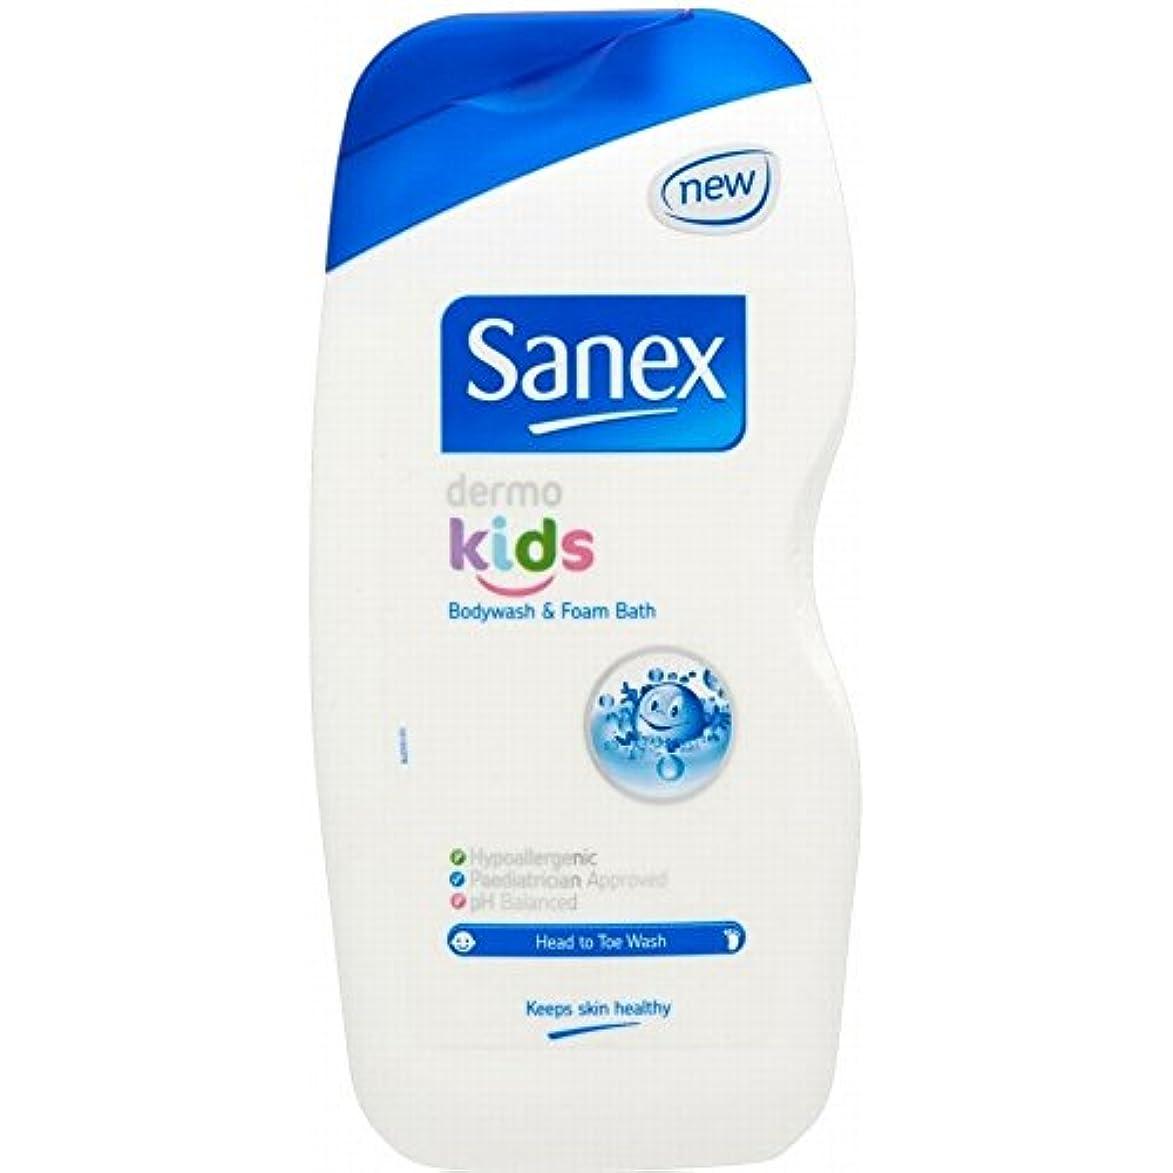 不定城増加するSanex Dermo Kids Body Wash & Foam Bath (500ml) Sanex真皮キッズボディウォッシュと泡風呂( 500ミリリットル) [並行輸入品]